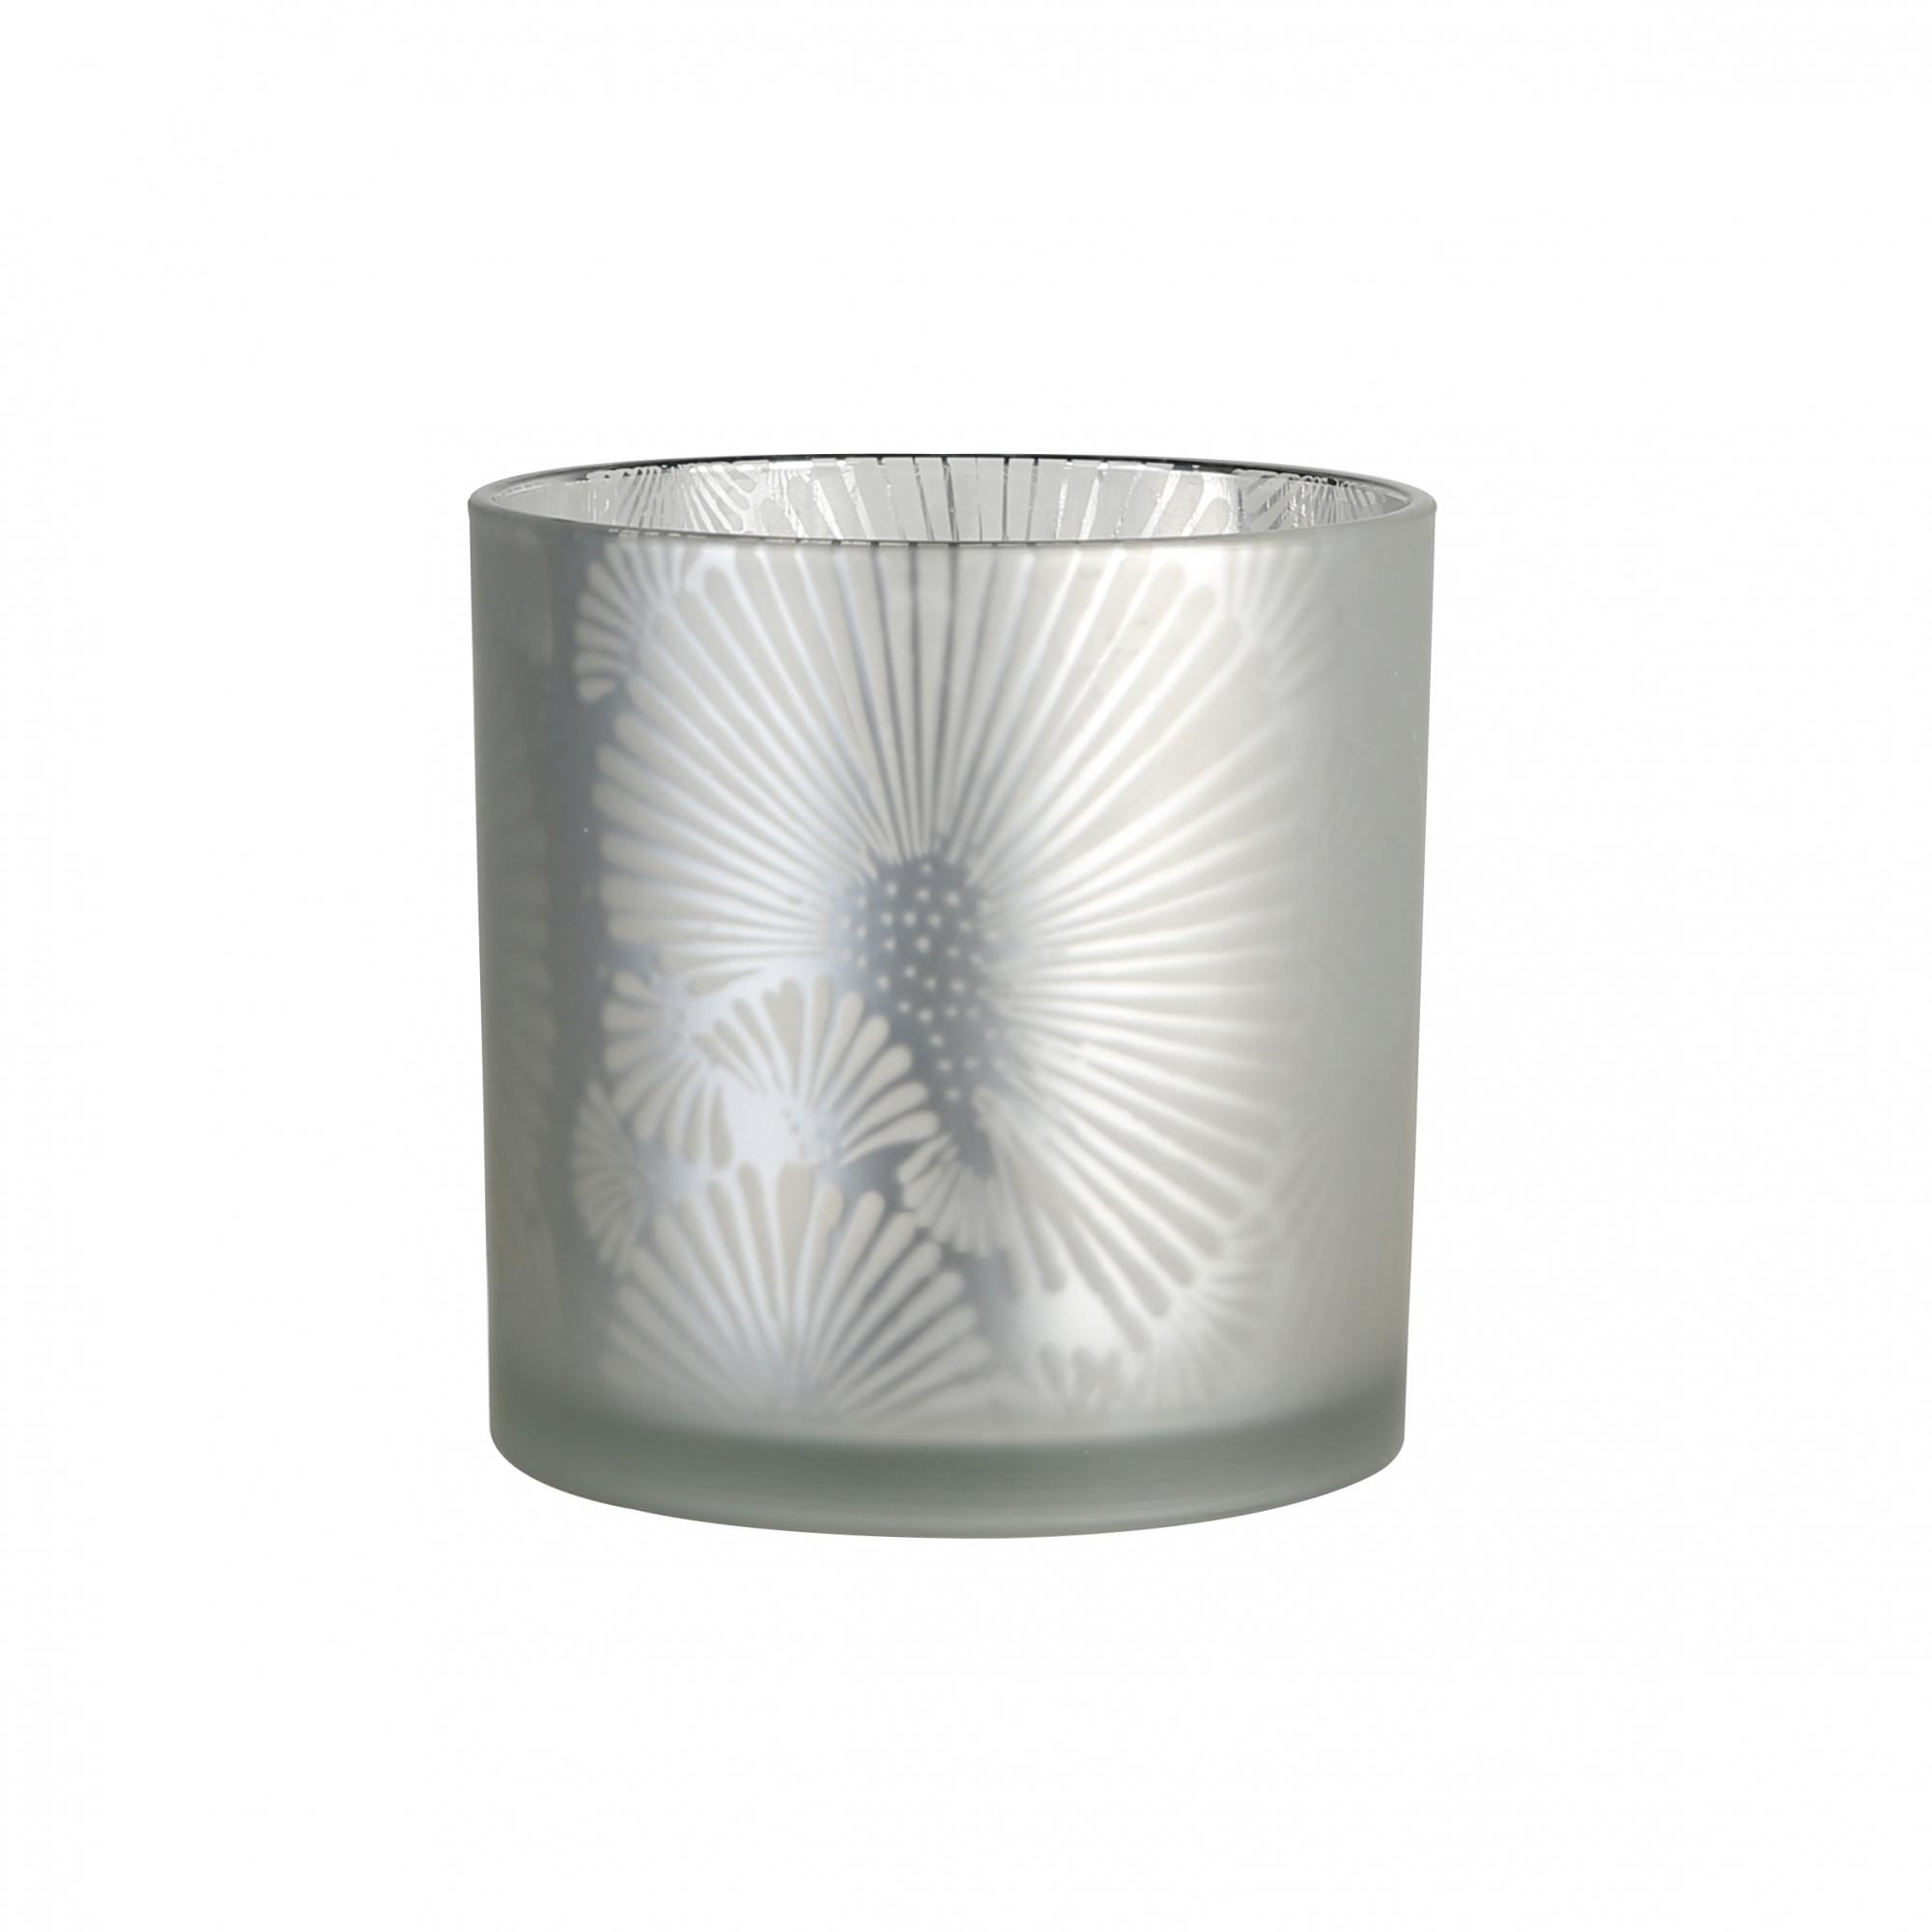 Čajový svícen Joy, 20 cm, stříbrná